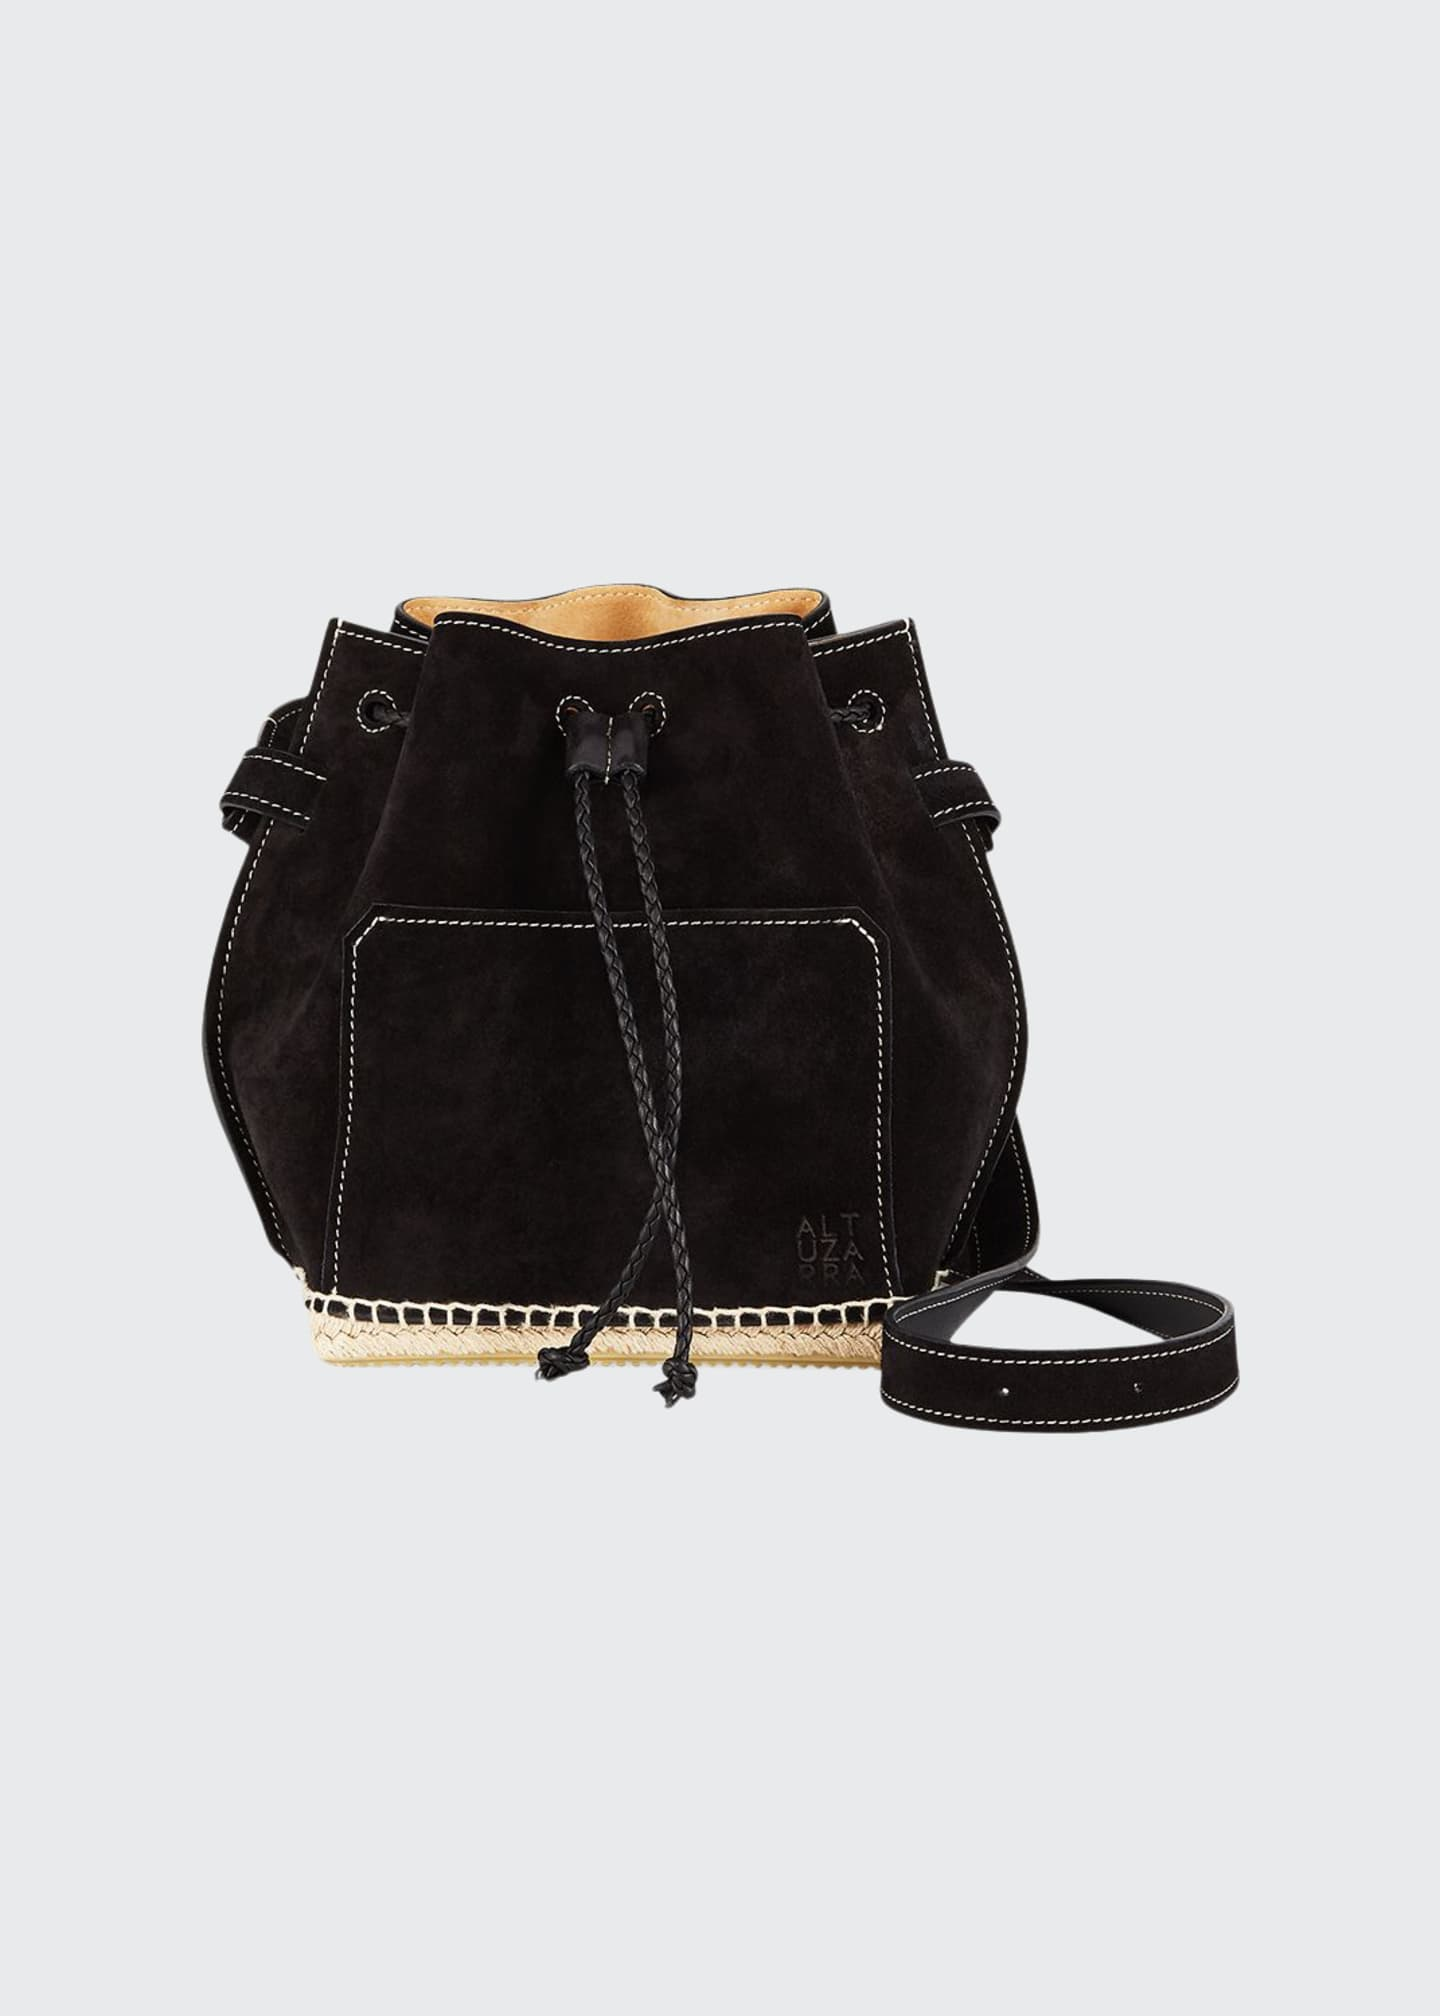 Altuzarra Suede Espadrille Bucket Bag